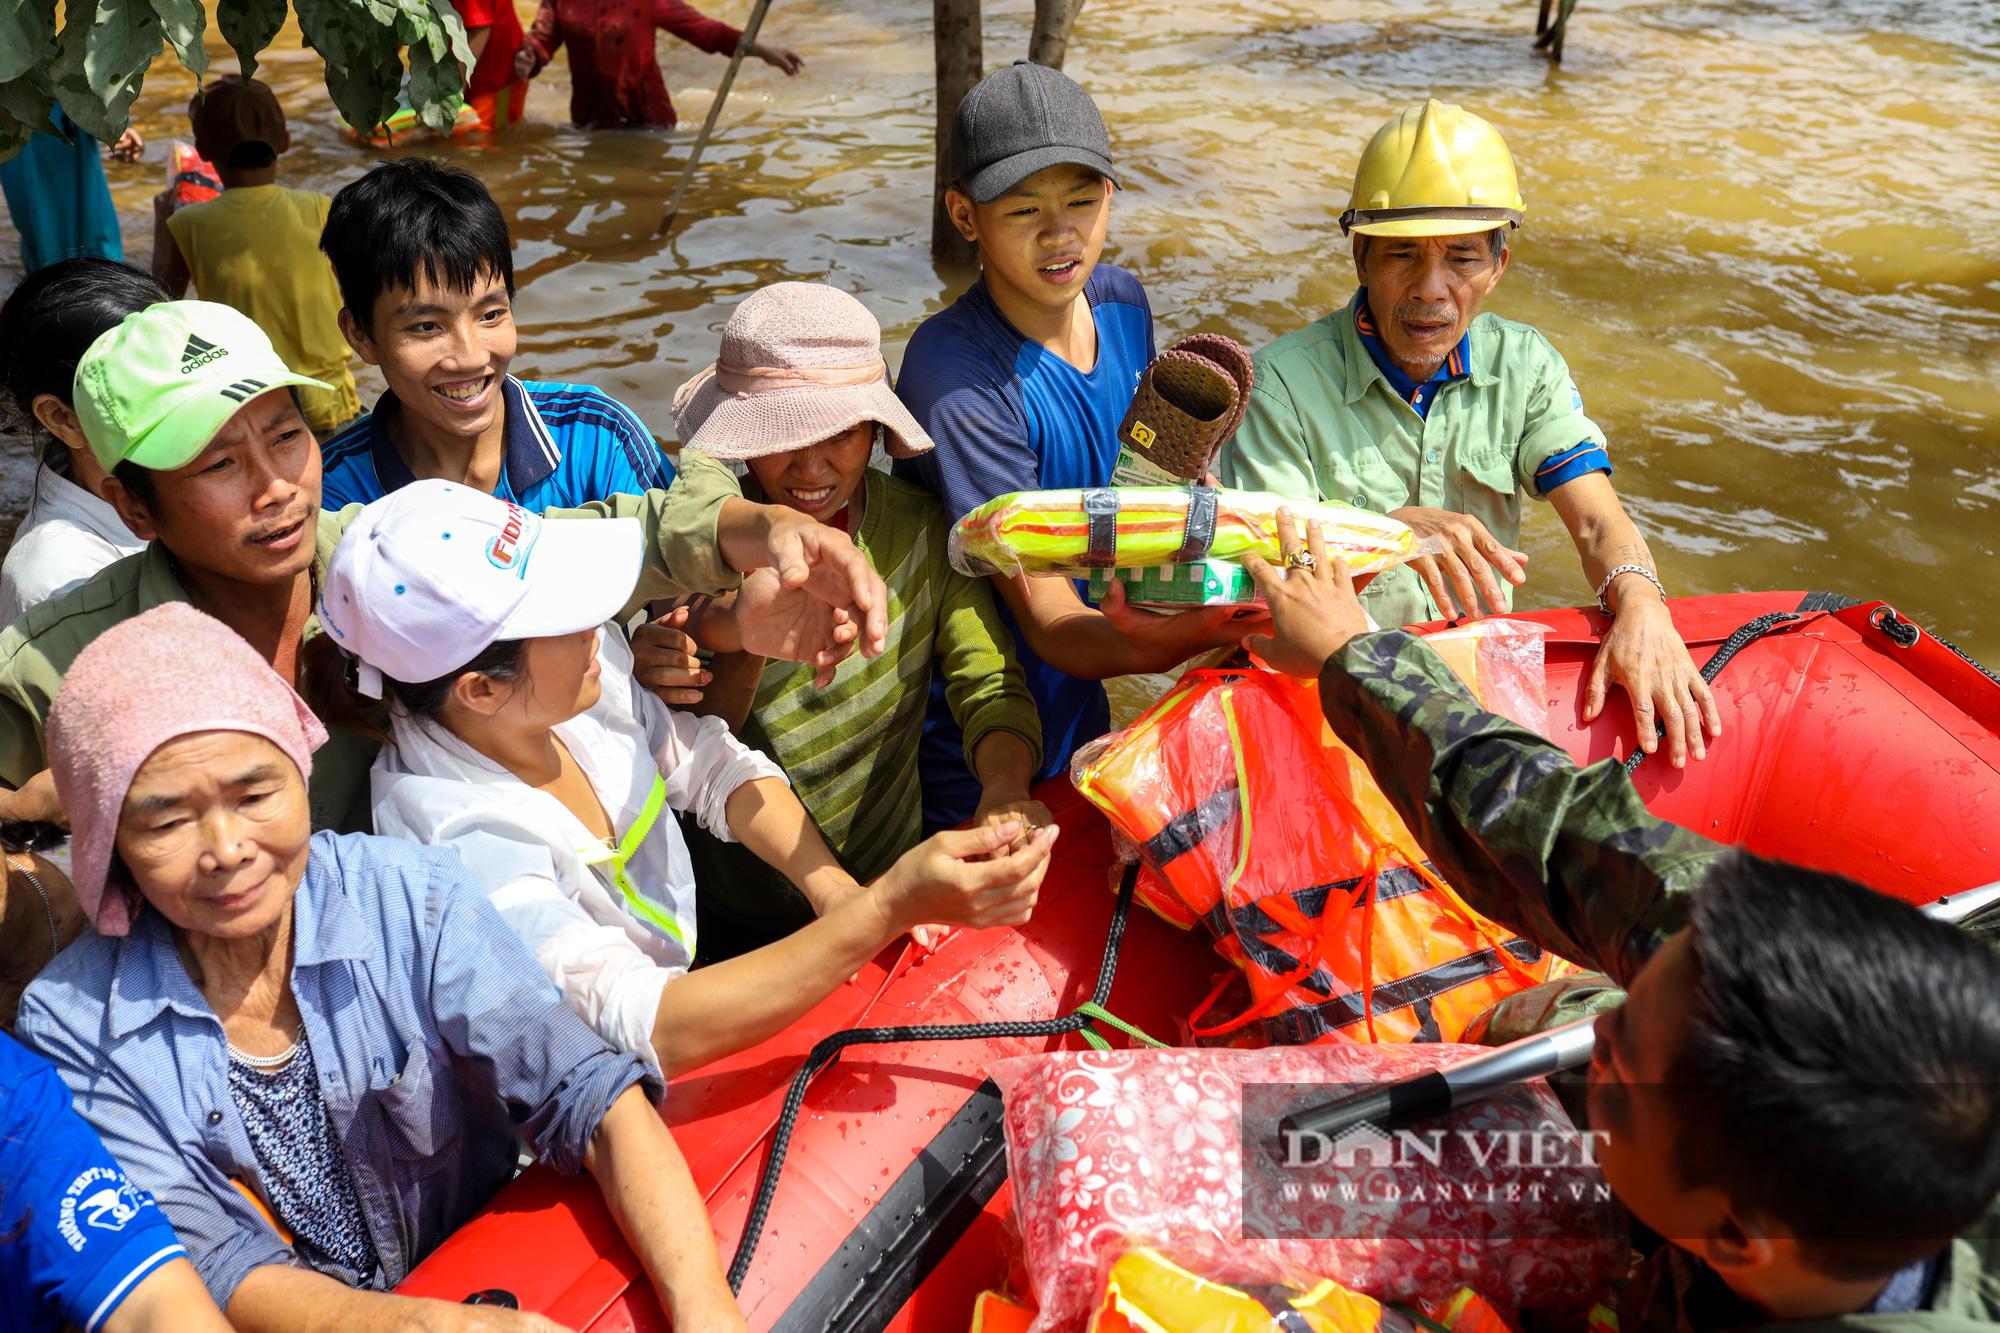 Nhà 30 người mắc kẹt trong lũ Quảng Bình vỡ òa khi có đoàn tiếp tế - Ảnh 14.